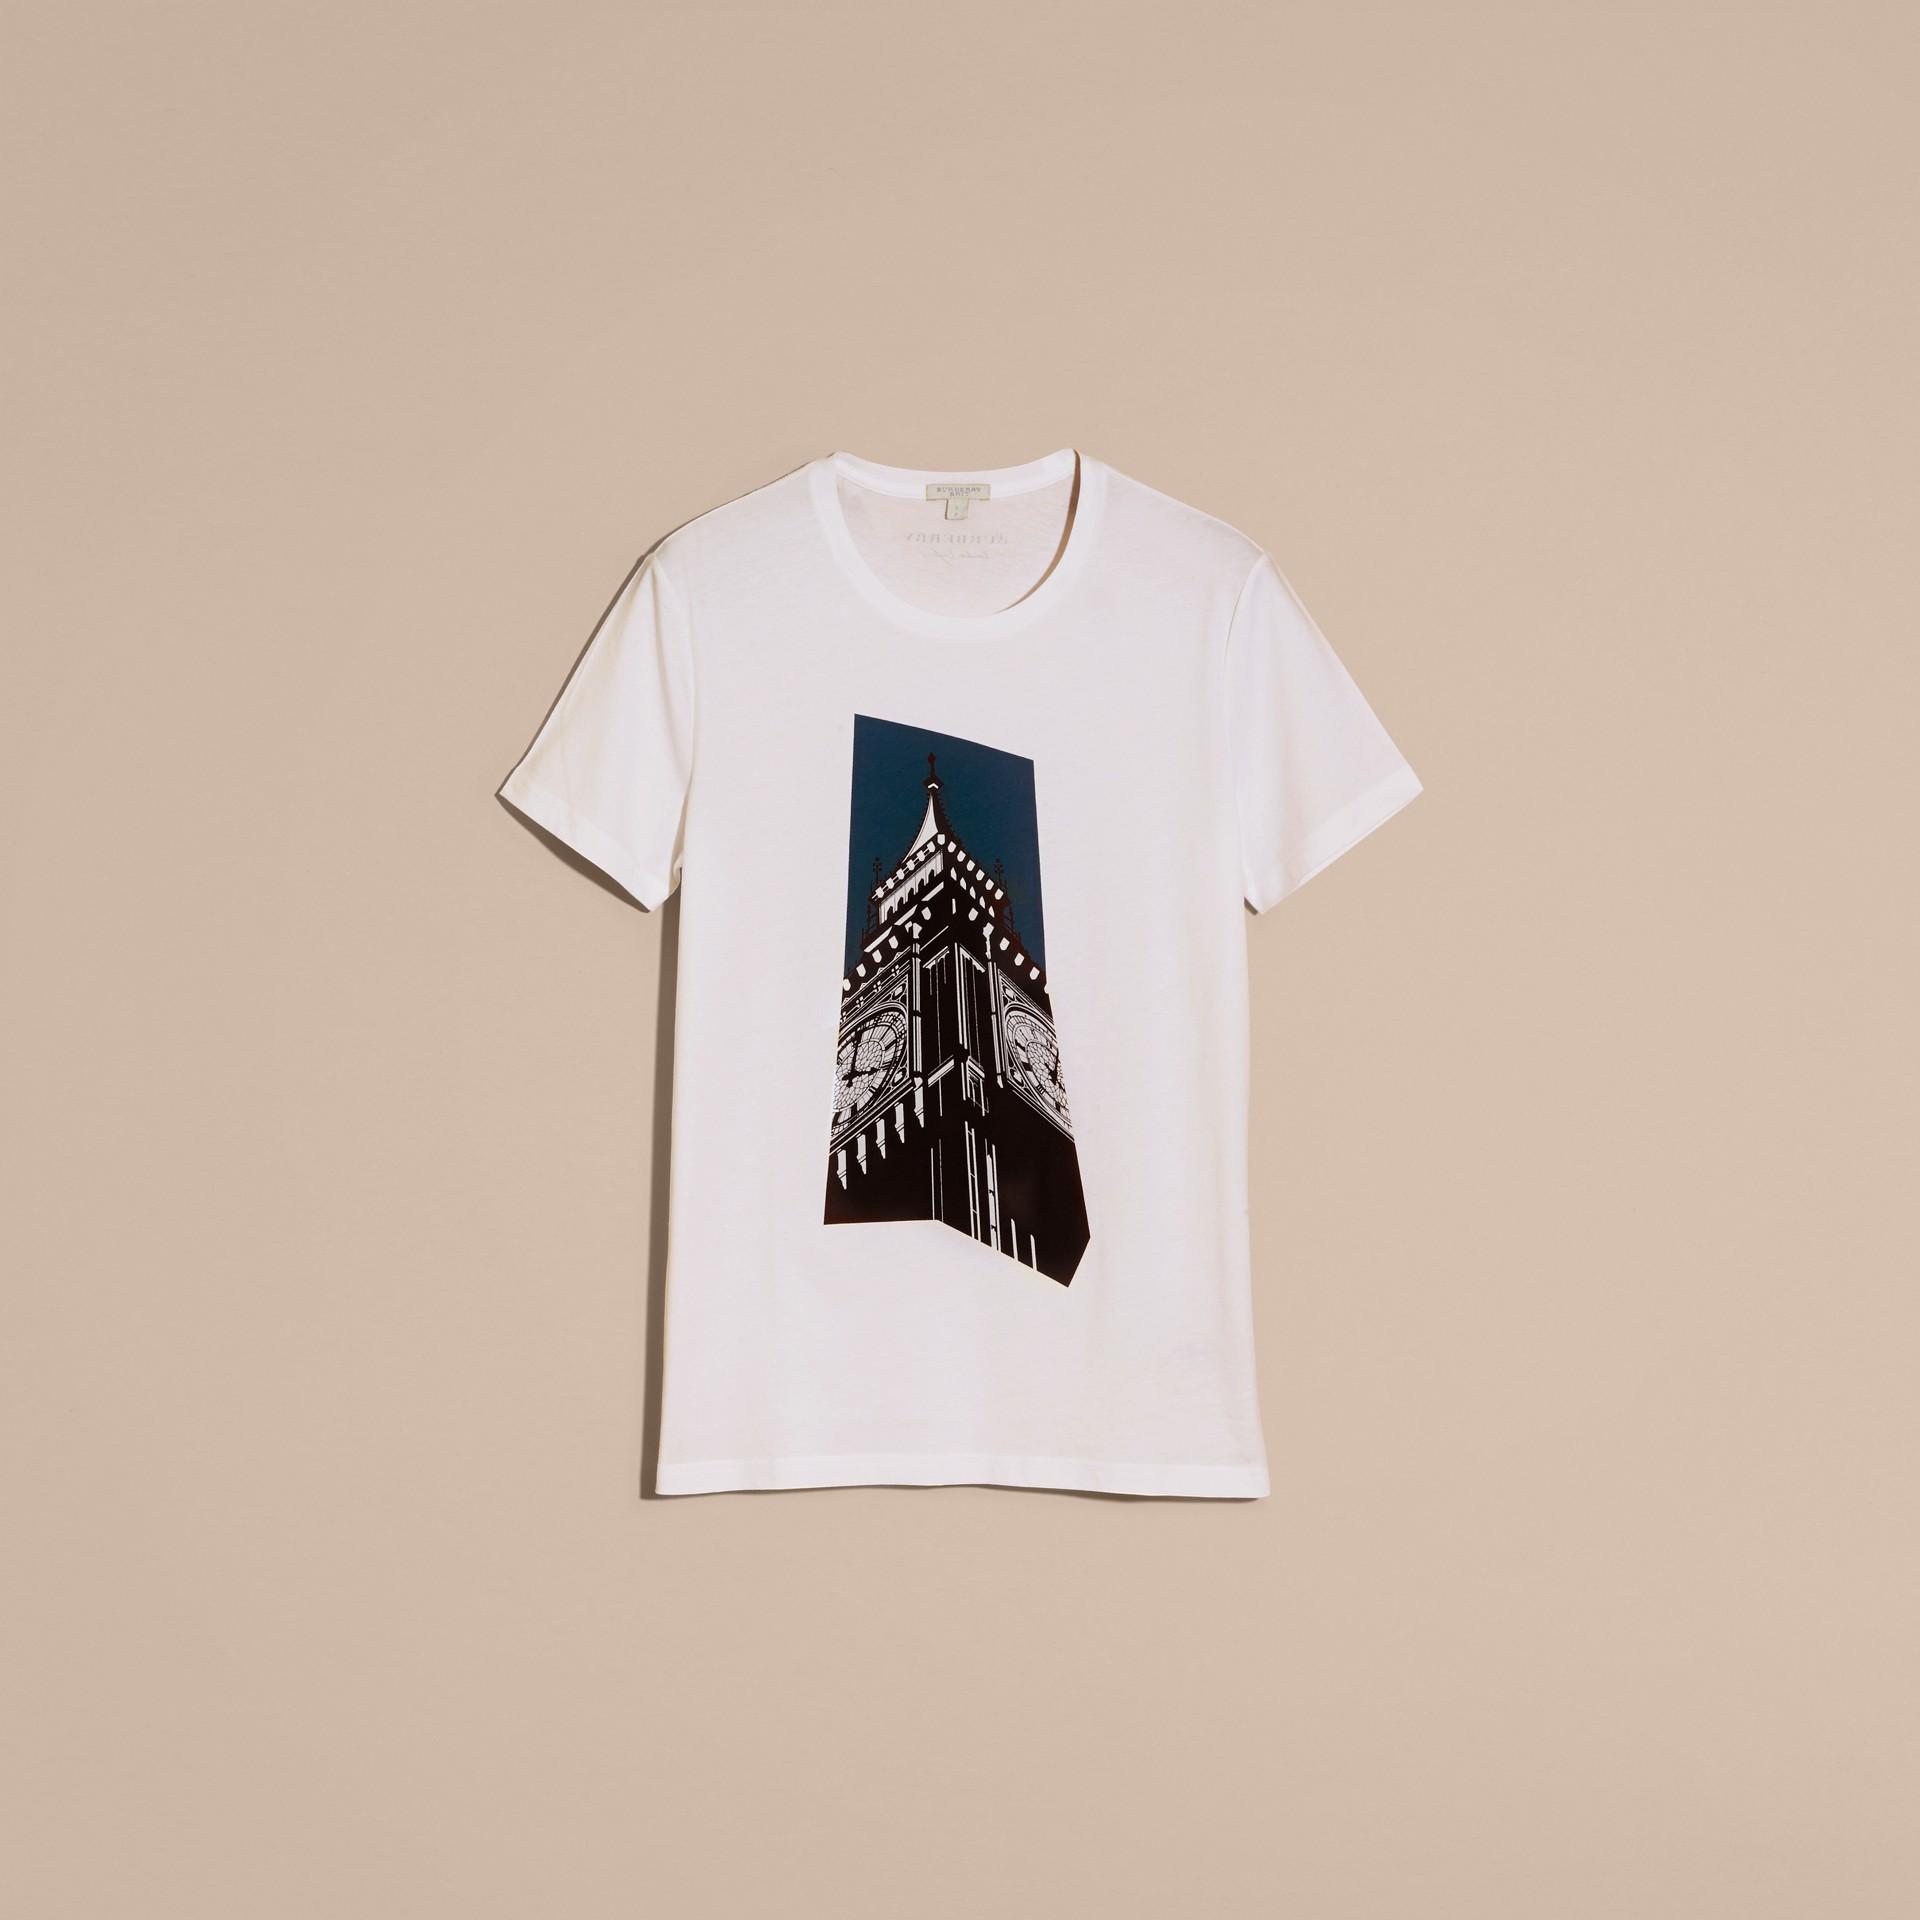 Branco Camiseta de algodão com estampa do Big Ben - galeria de imagens 4